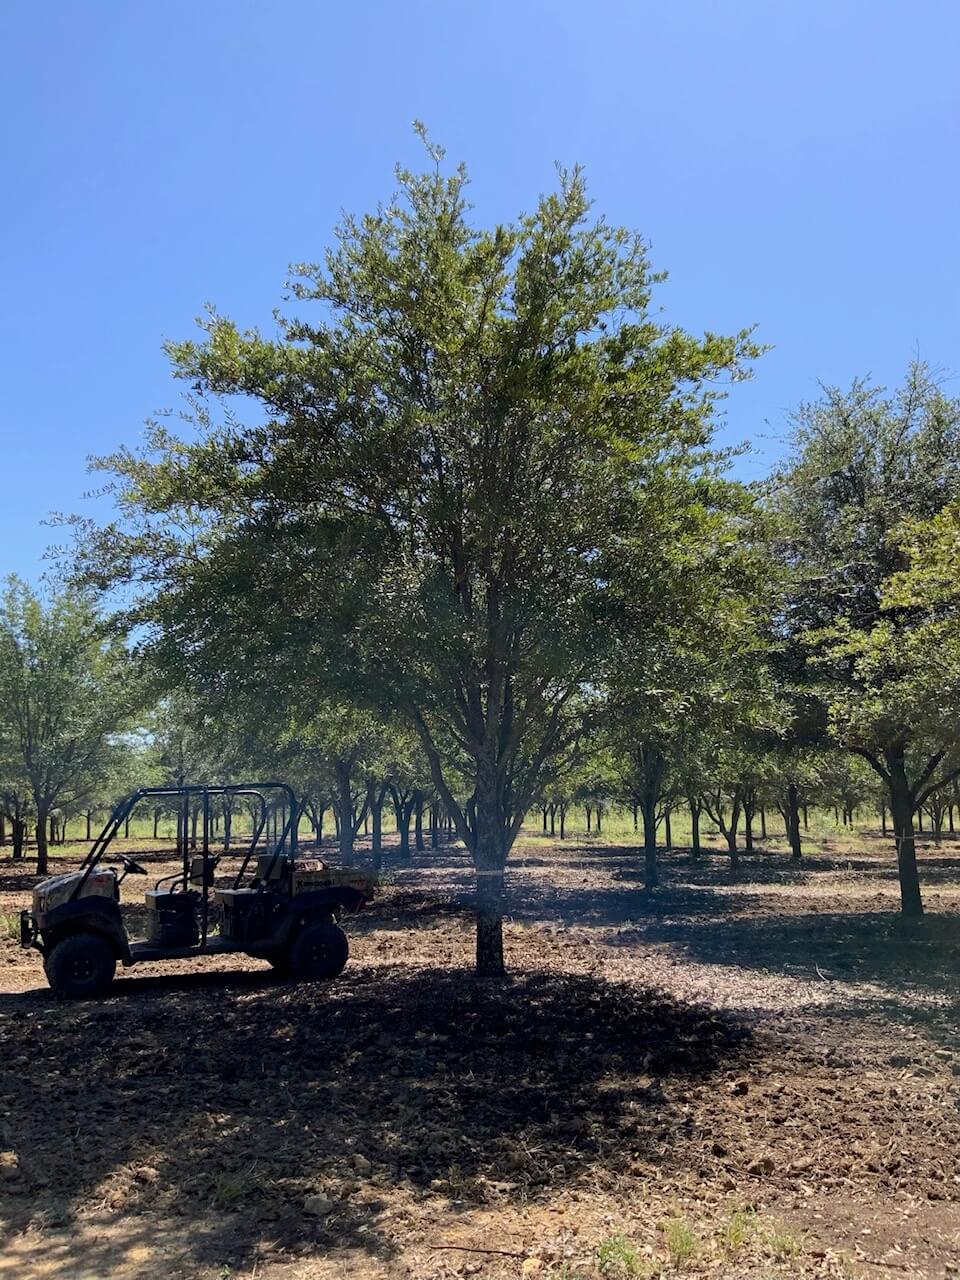 10 inch live oak trees